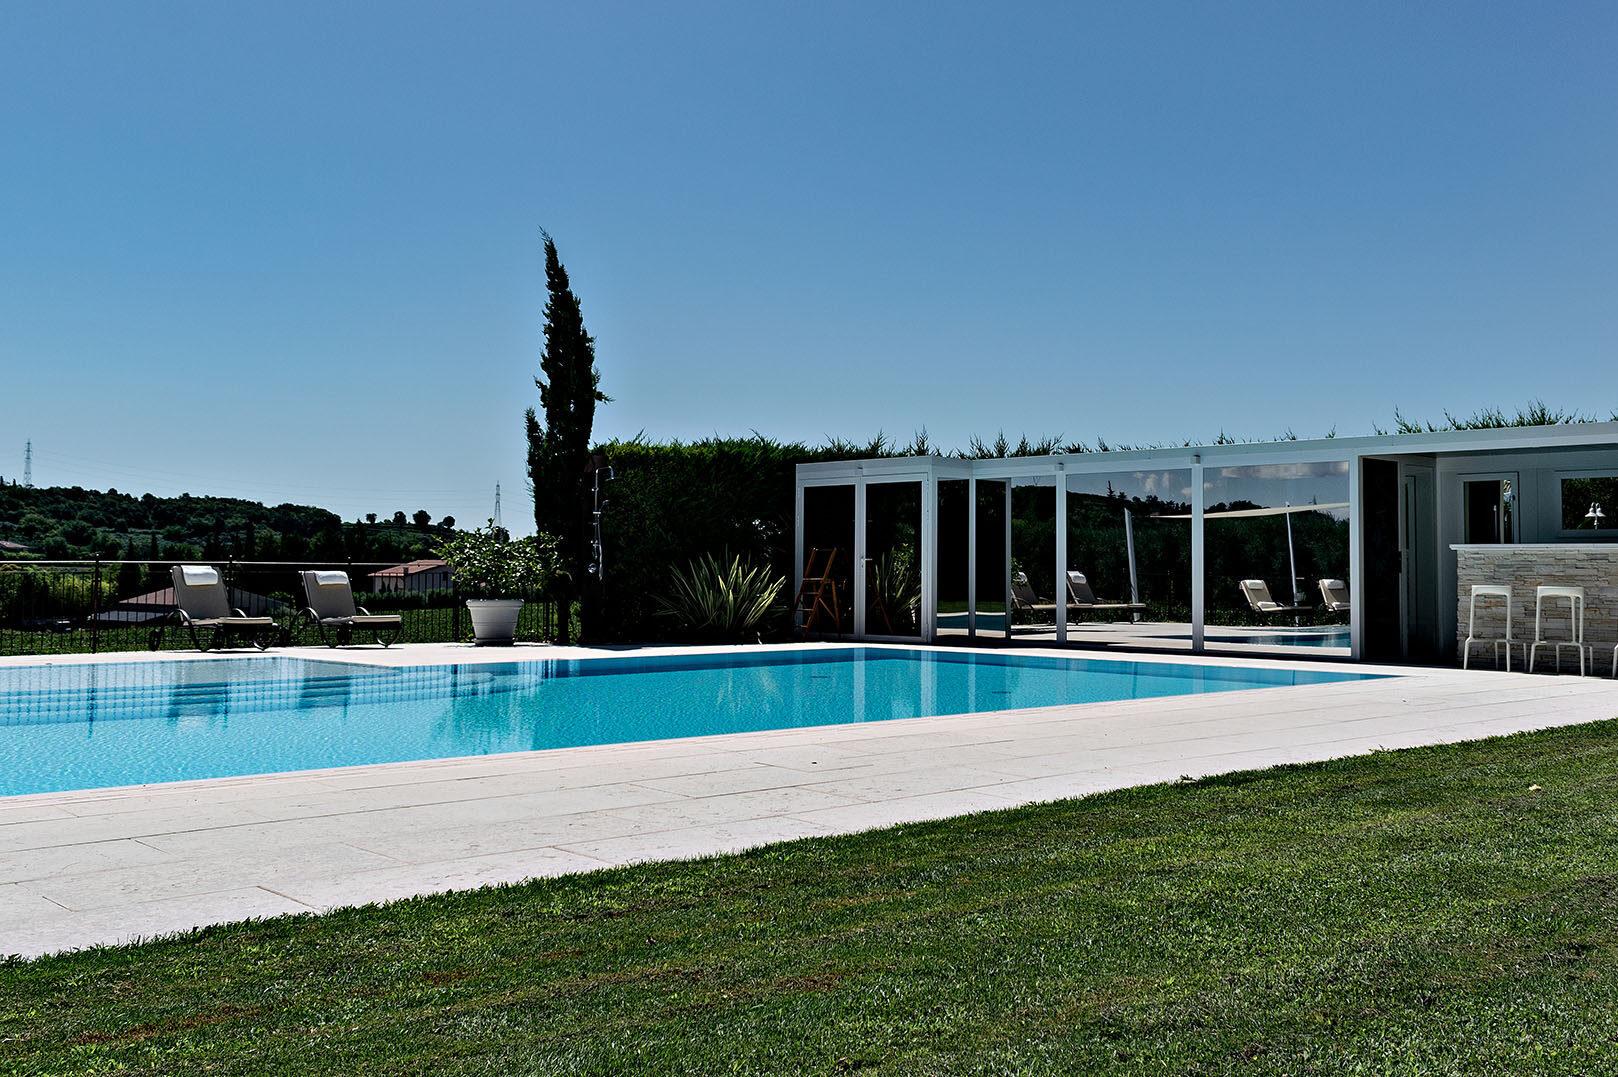 prodotti outdoor chiusura estrena fronte piscina